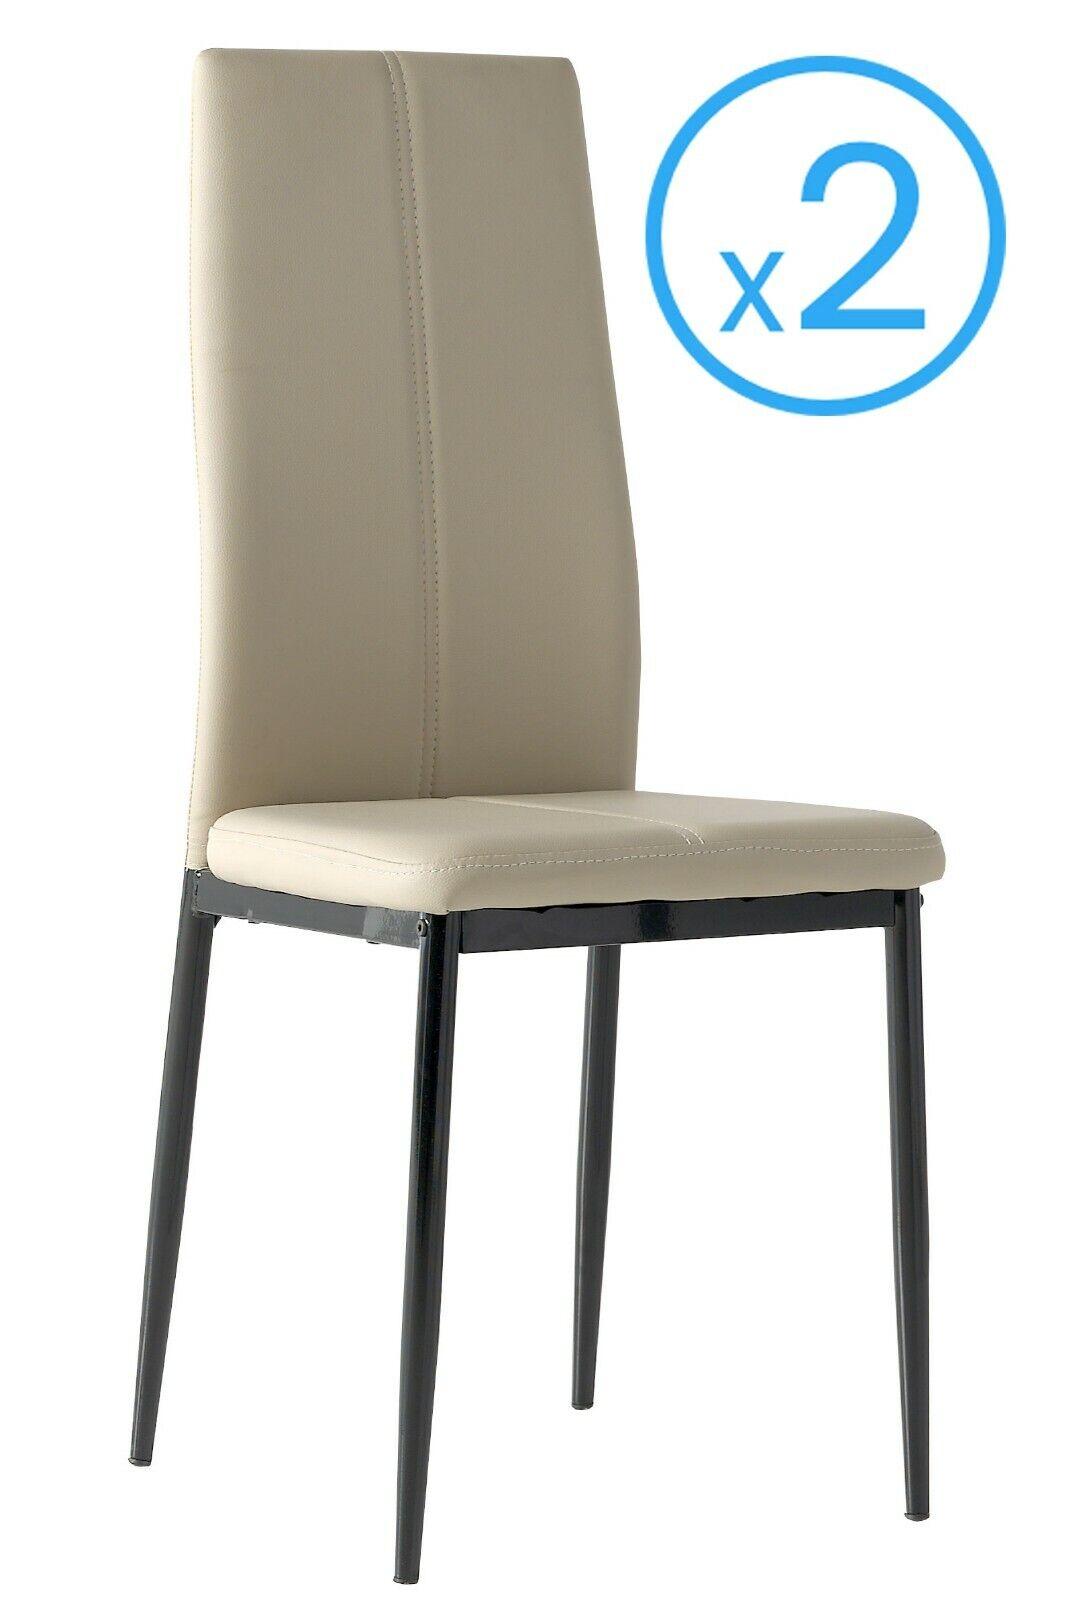 Detalles de 2 sillas polipiel Brea color capuchino comedor salon y estilo  moderno 98x42x47